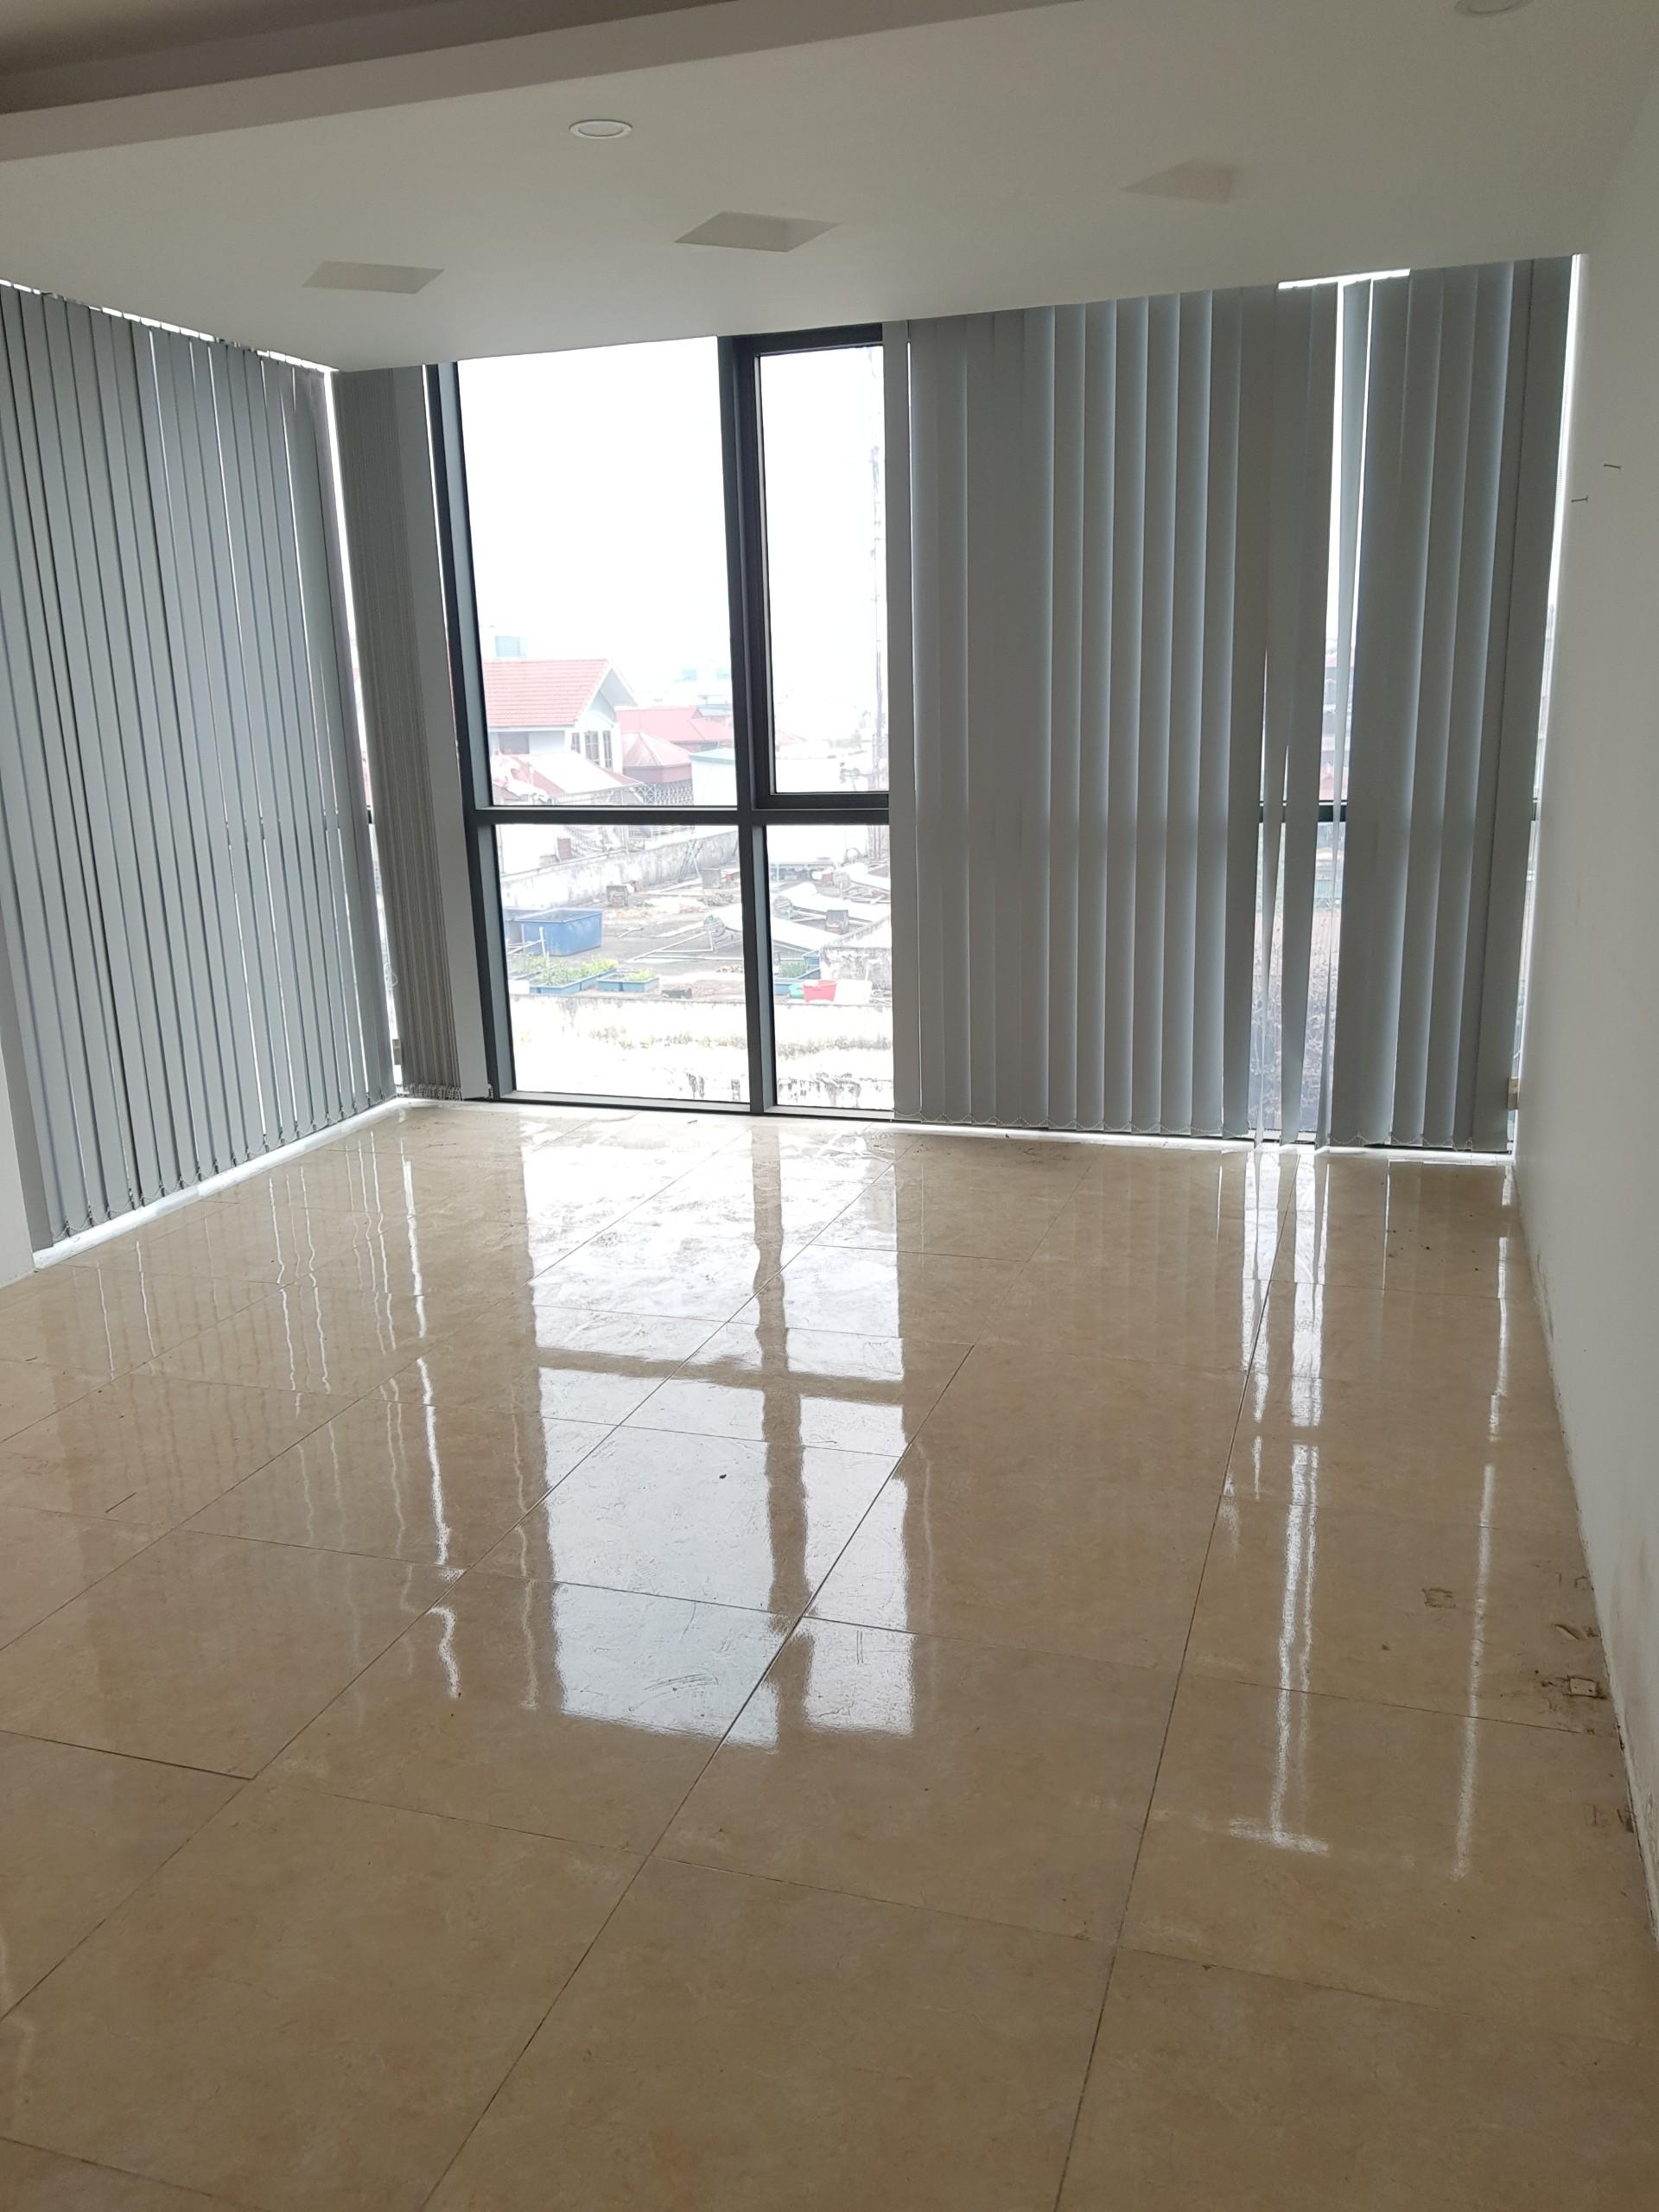 Cho thuê sàn văn phòng diện tích 30m2 tại Khương Hạ- Thanh Xuân, văn phòng đẹp giá phải chăng LH 0989790498